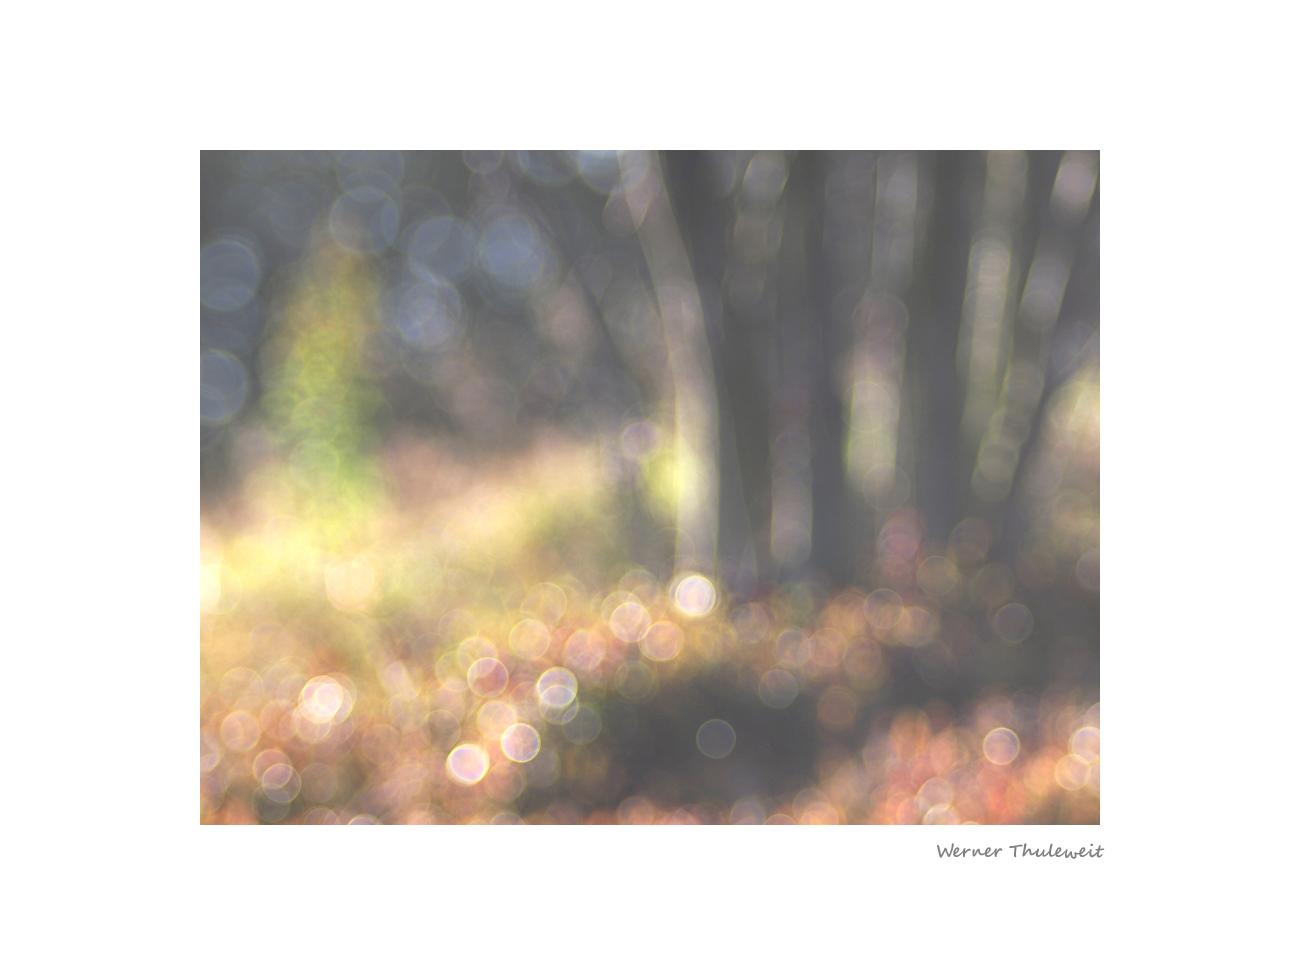 Herbstmorgenimpression am Knüllköpfchen